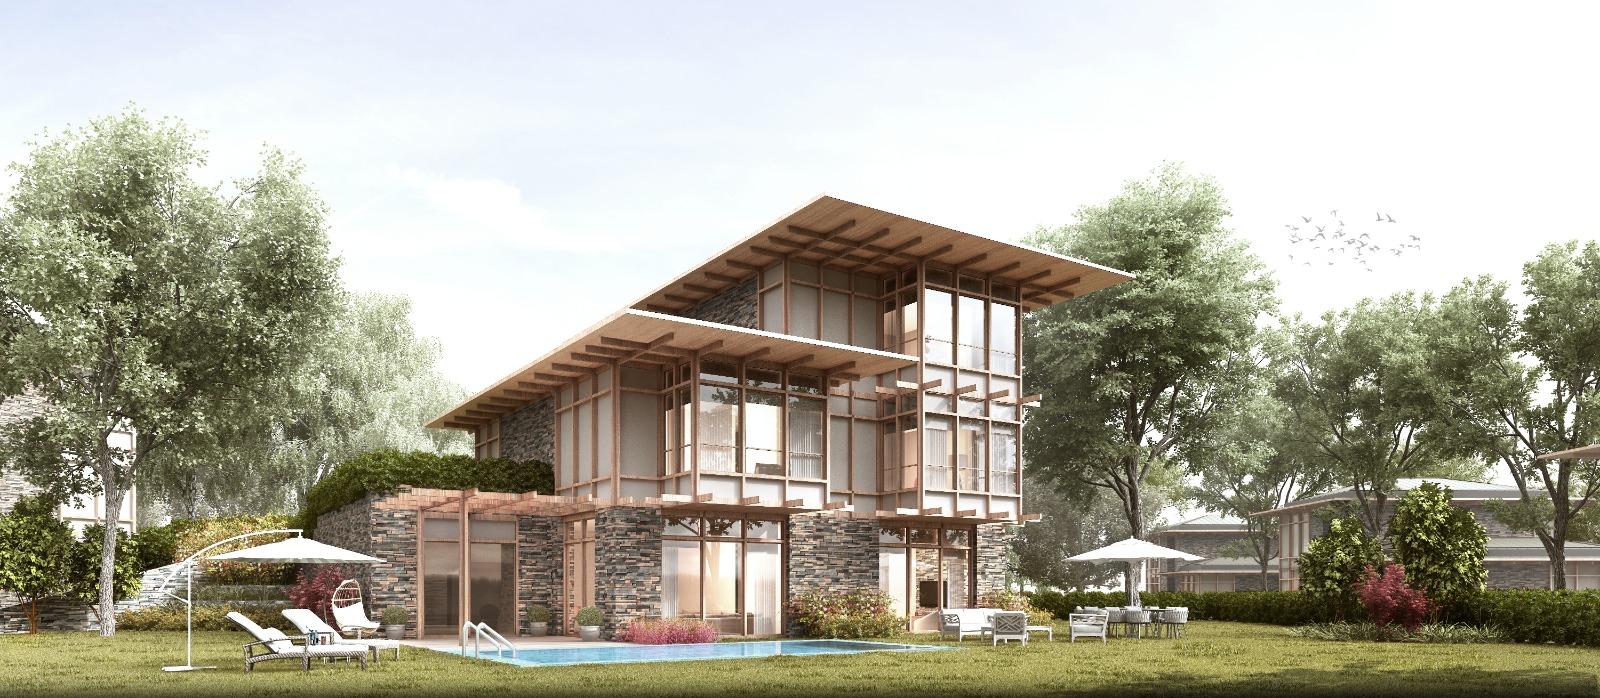 Эксклюзивный проект-комплекс вилл в Бейкоз - Фото 33